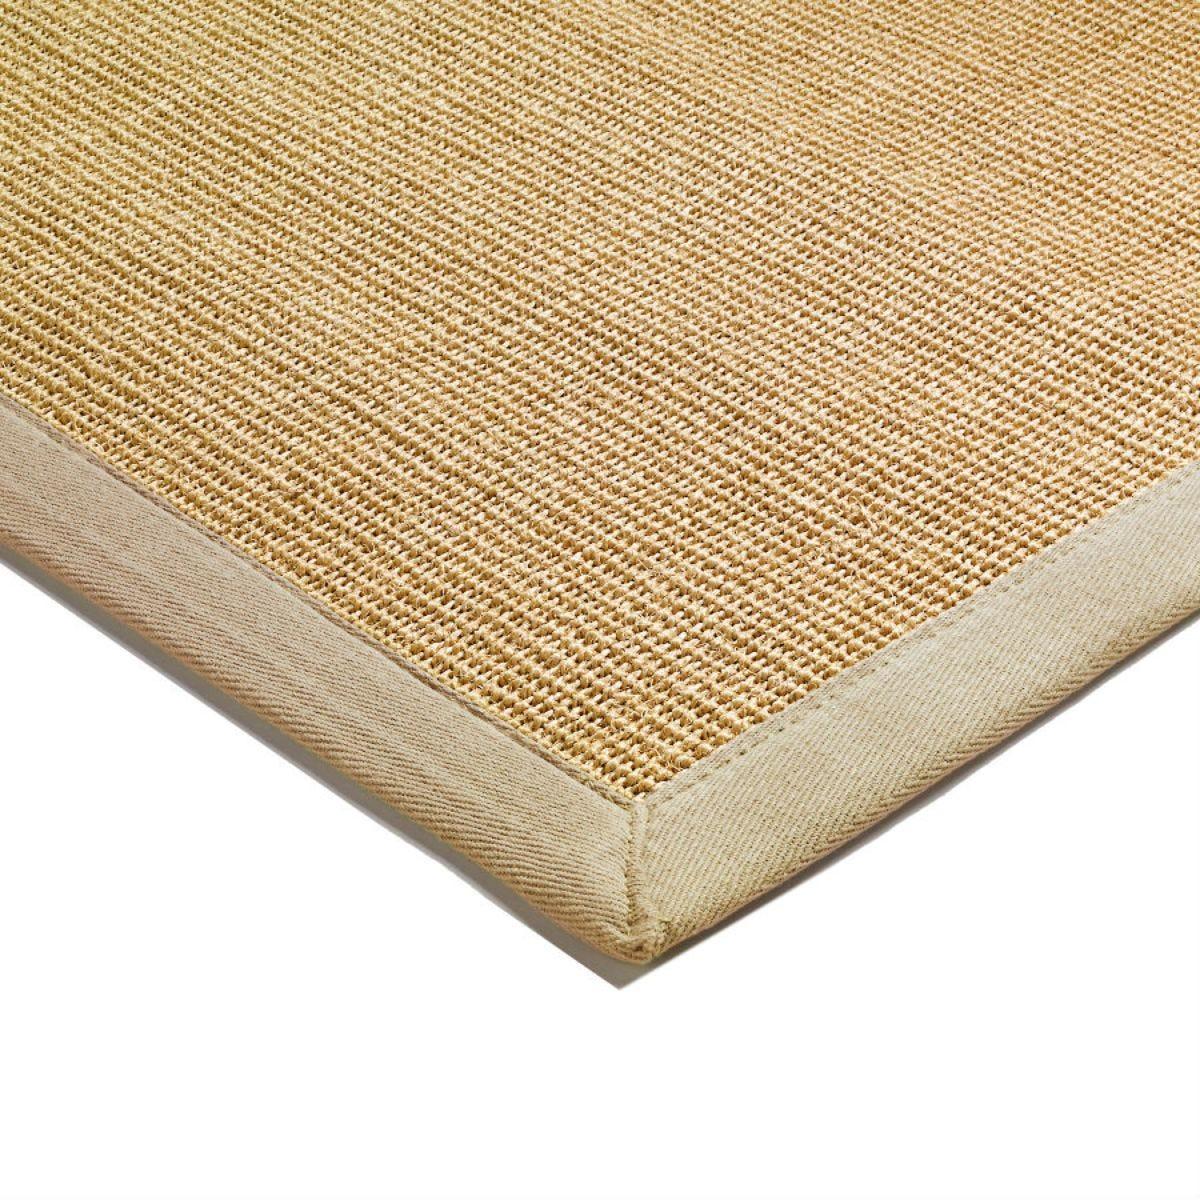 Asiatic Sisal Rug 230 x 160cm - Linen